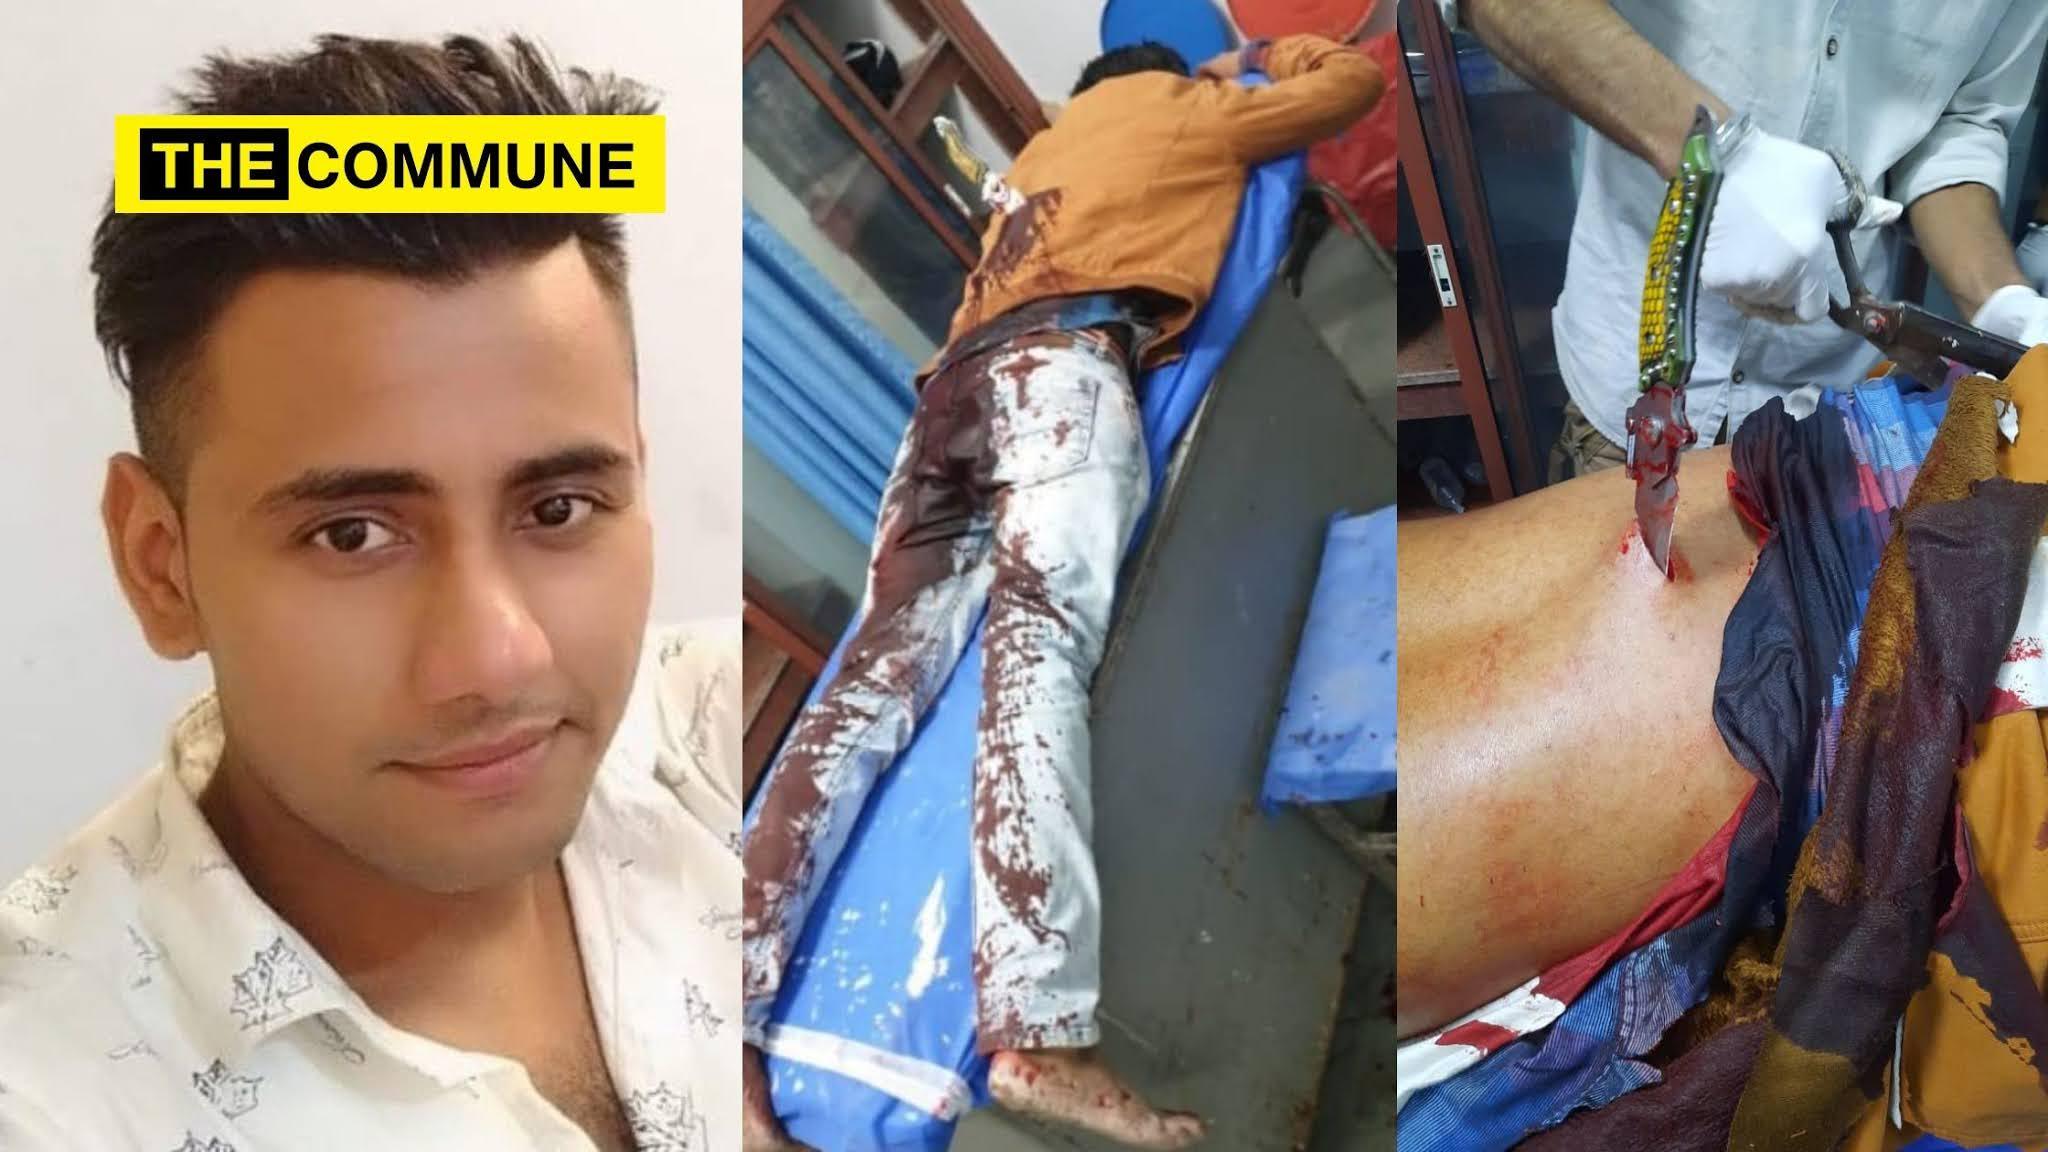 అయోధ్య 'రామ్ మందిర్' నిధి సేకరణకై వెళ్లిన భజరంగ్ దళ్ కార్యకర్తను దారుణంగా హత్య చేసిన ముస్లిం మూక - Bajrang Dal activist brutally murdered by Muslim mob in Delhi over fund collection for Ram Mandir